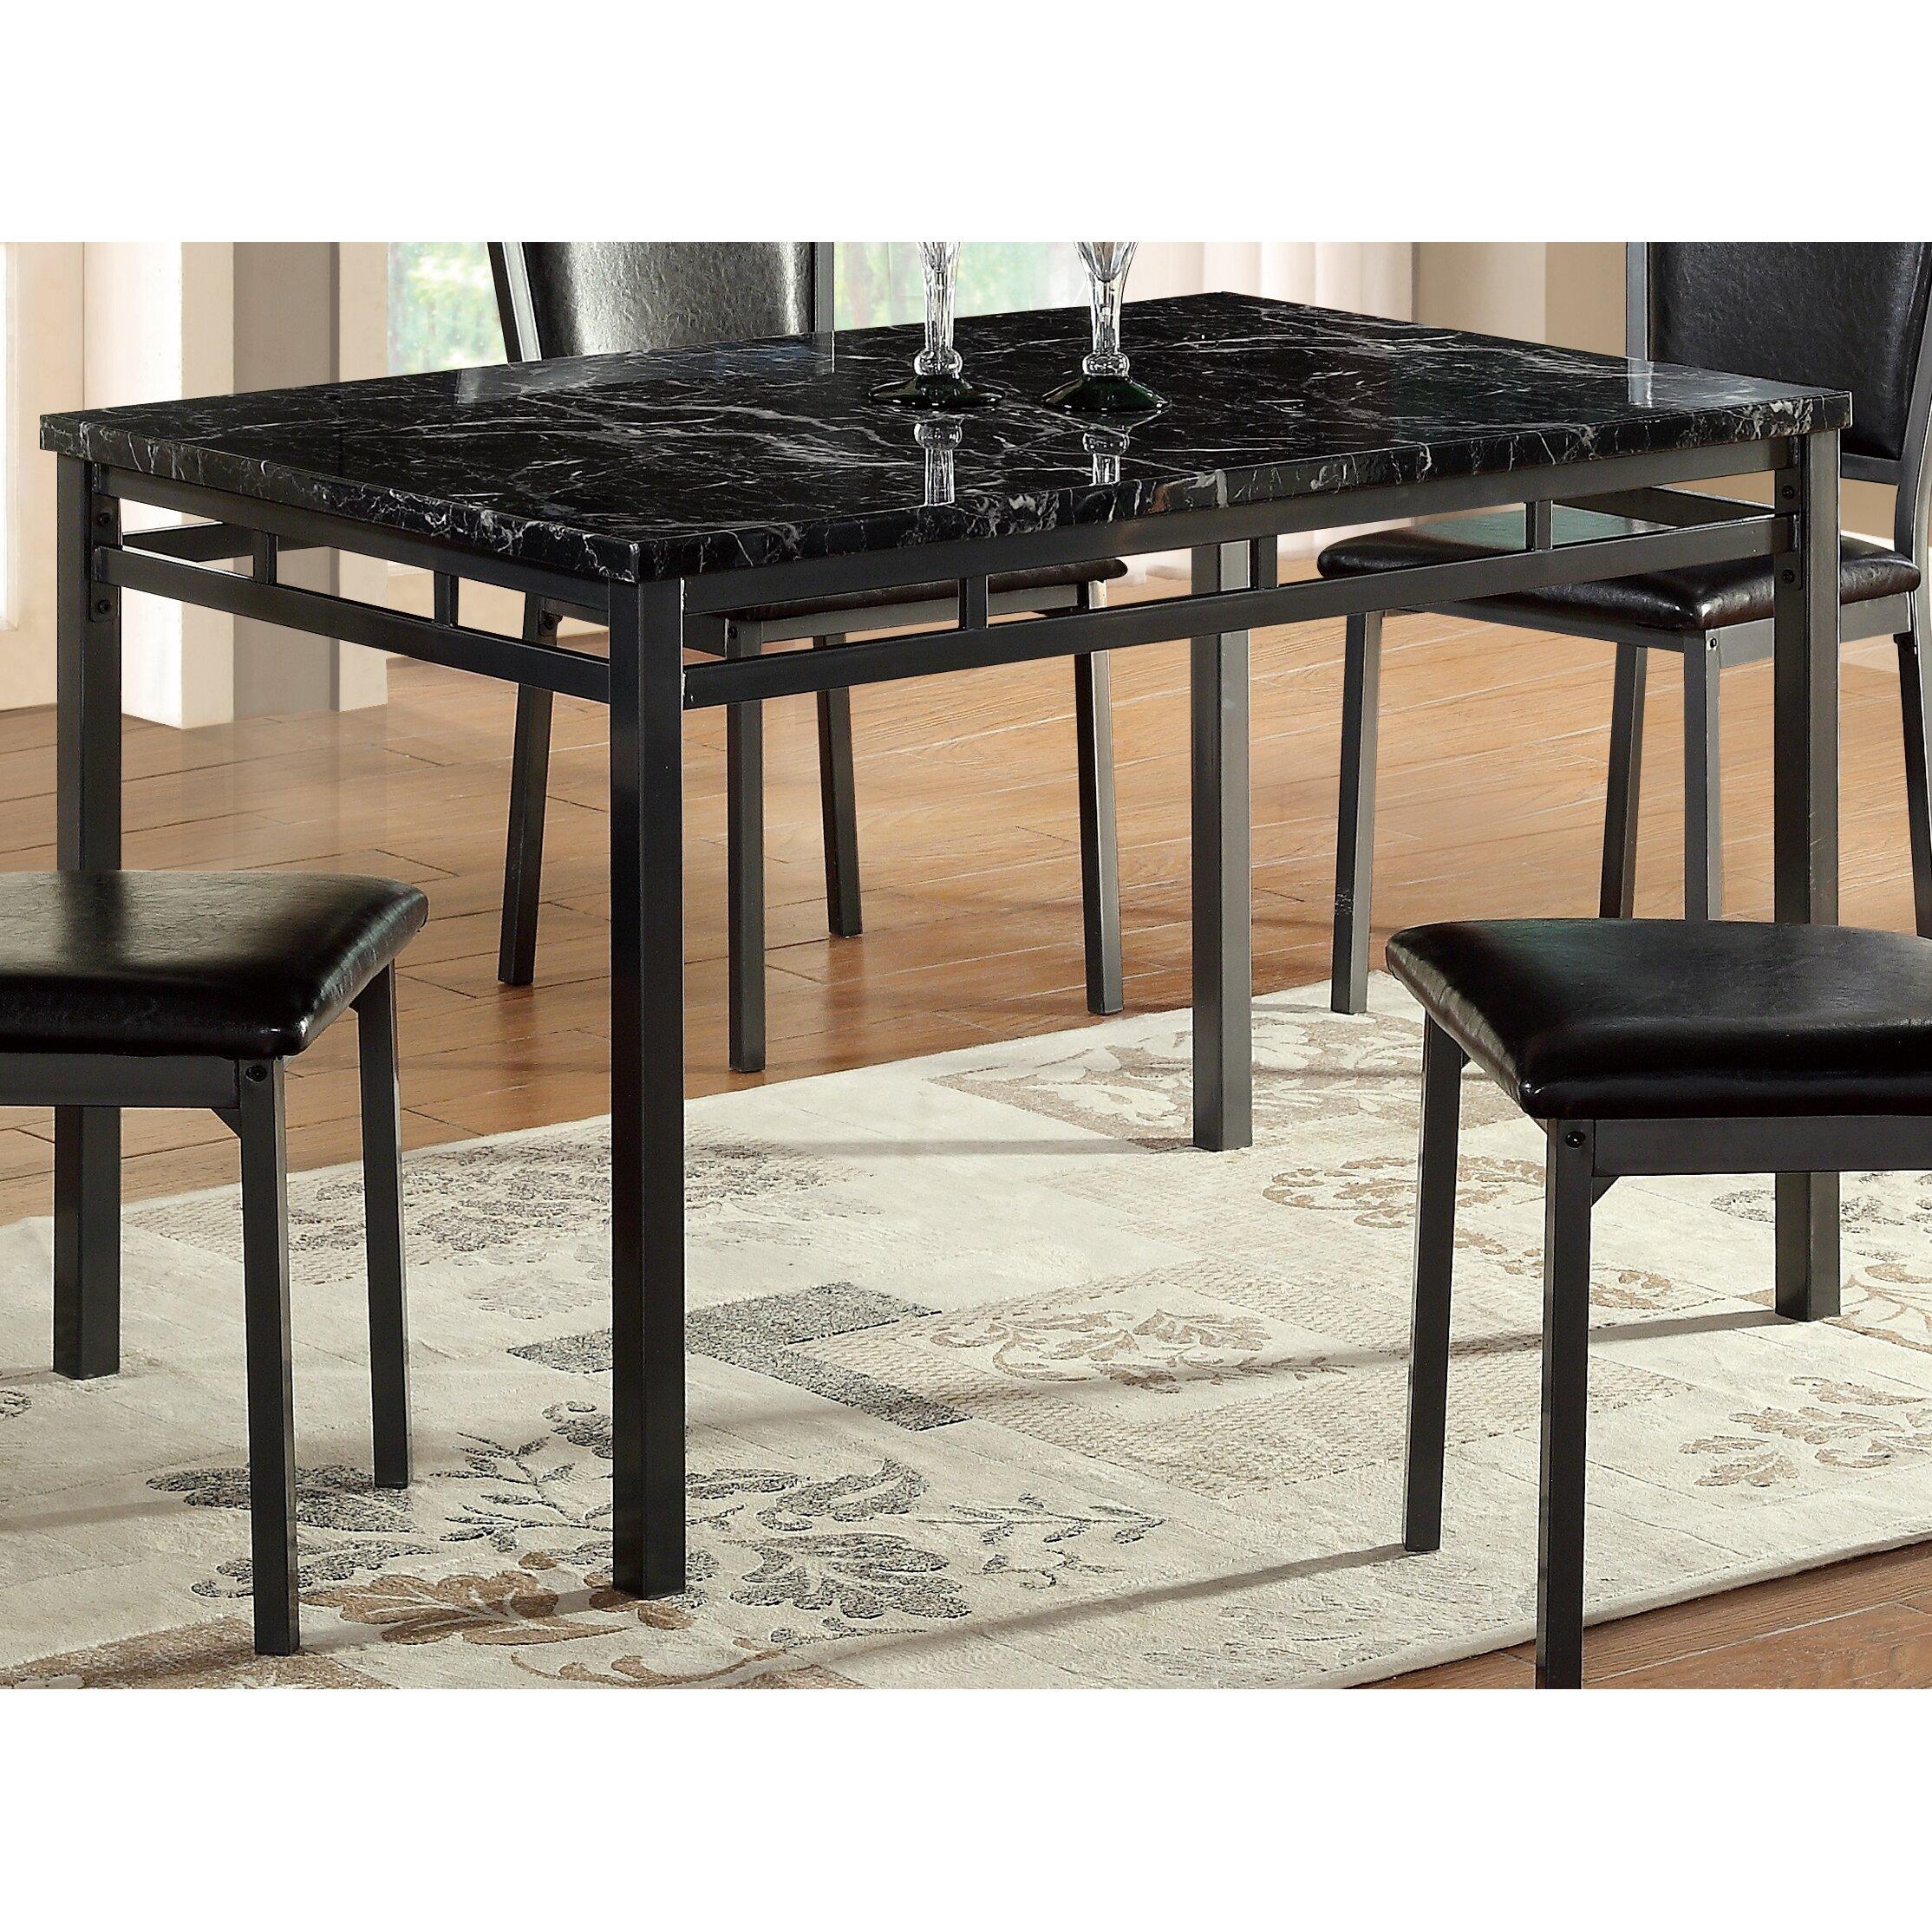 global furniture usa dining table. Black Bedroom Furniture Sets. Home Design Ideas